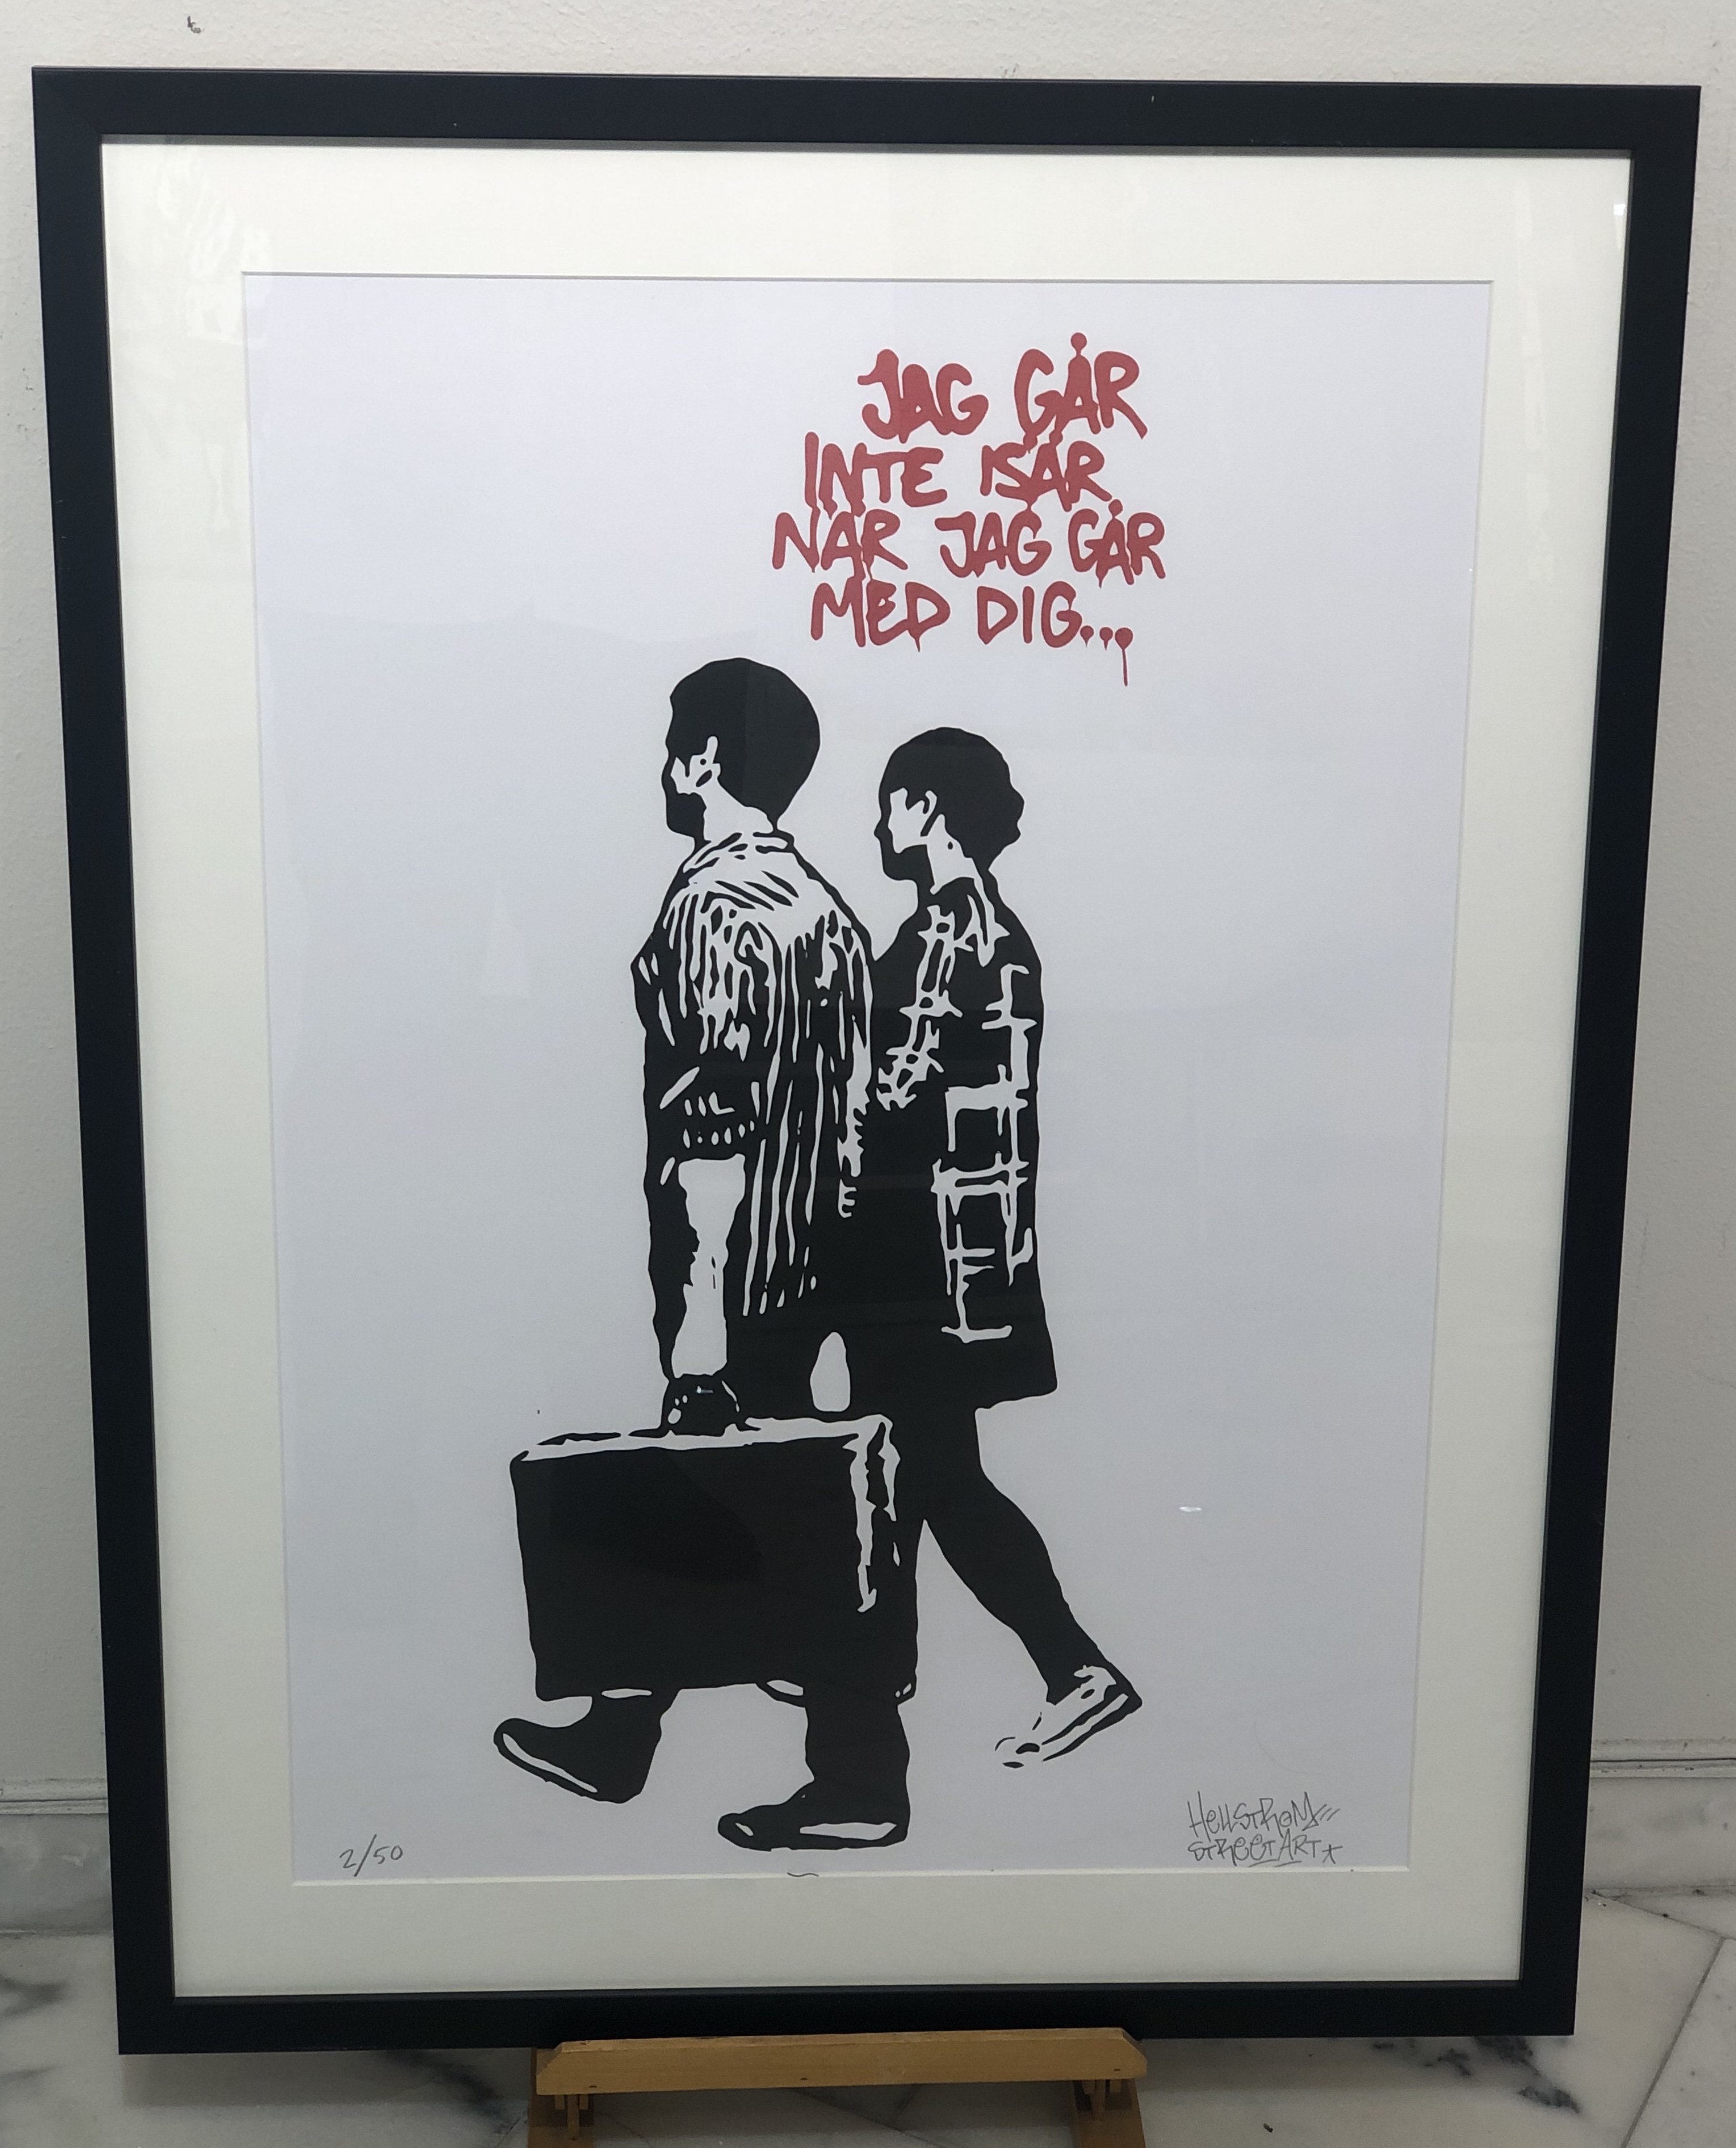 """""""Jag går inte isär när jag går med dig"""" Printscreen av Hellstrom Street art. Edition 50. 50x70 cm"""